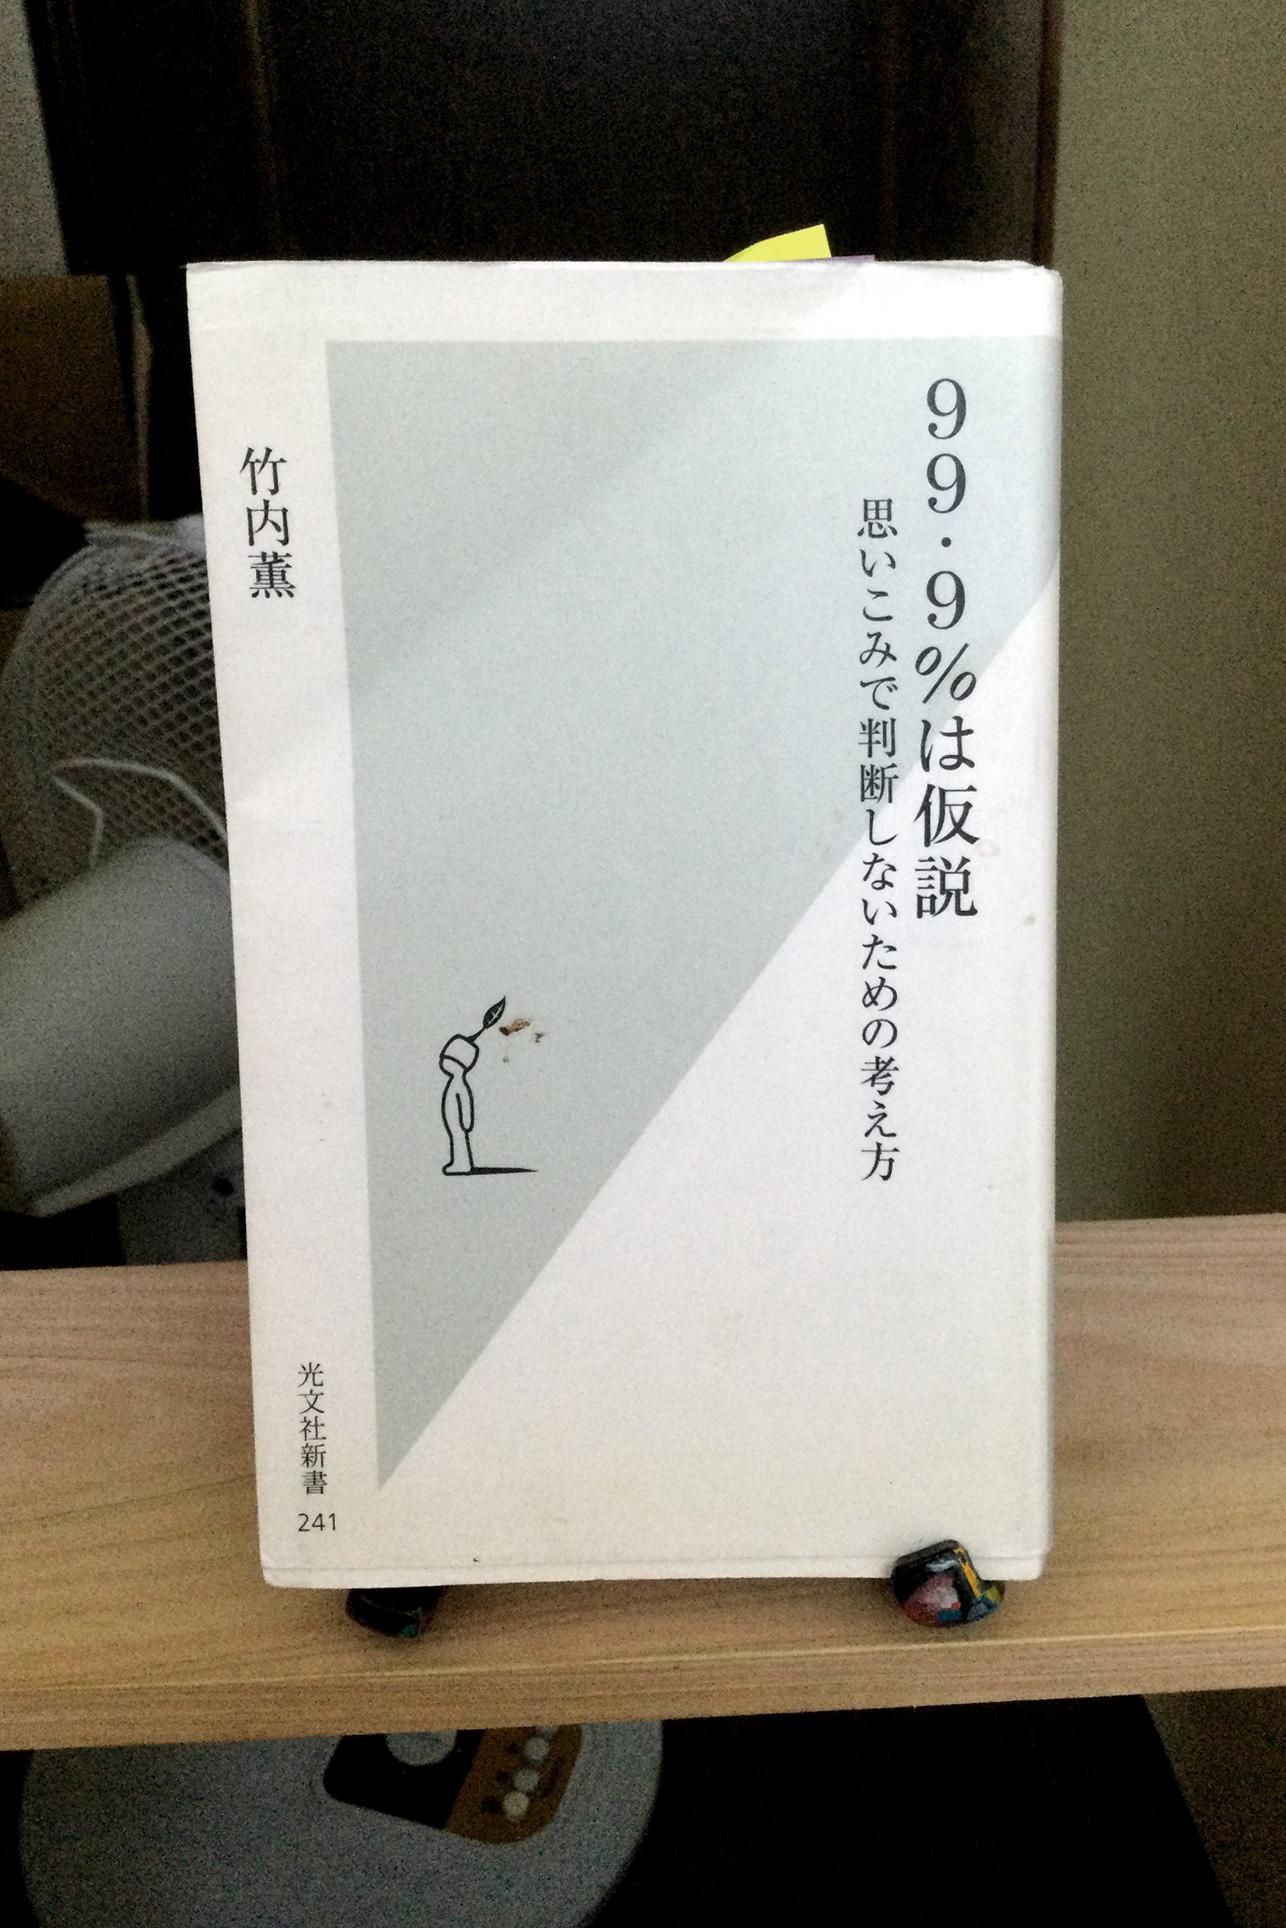 書籍99・9%は仮説~思いこみで判断しないための考え方~(竹内 薫/光文社)」の表紙画像